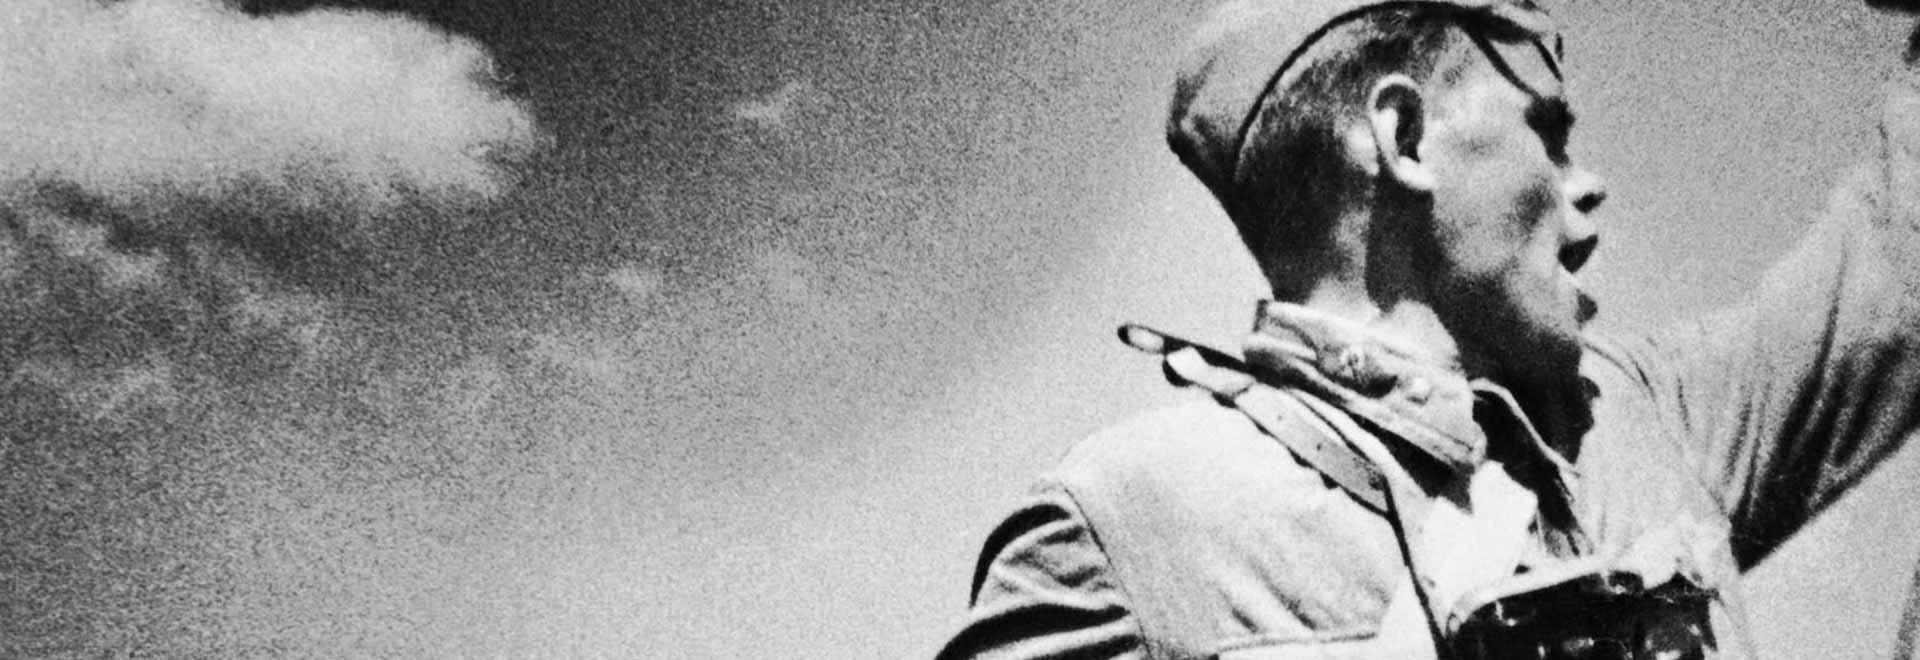 Seconda guerra mondiale: i momenti decisivi